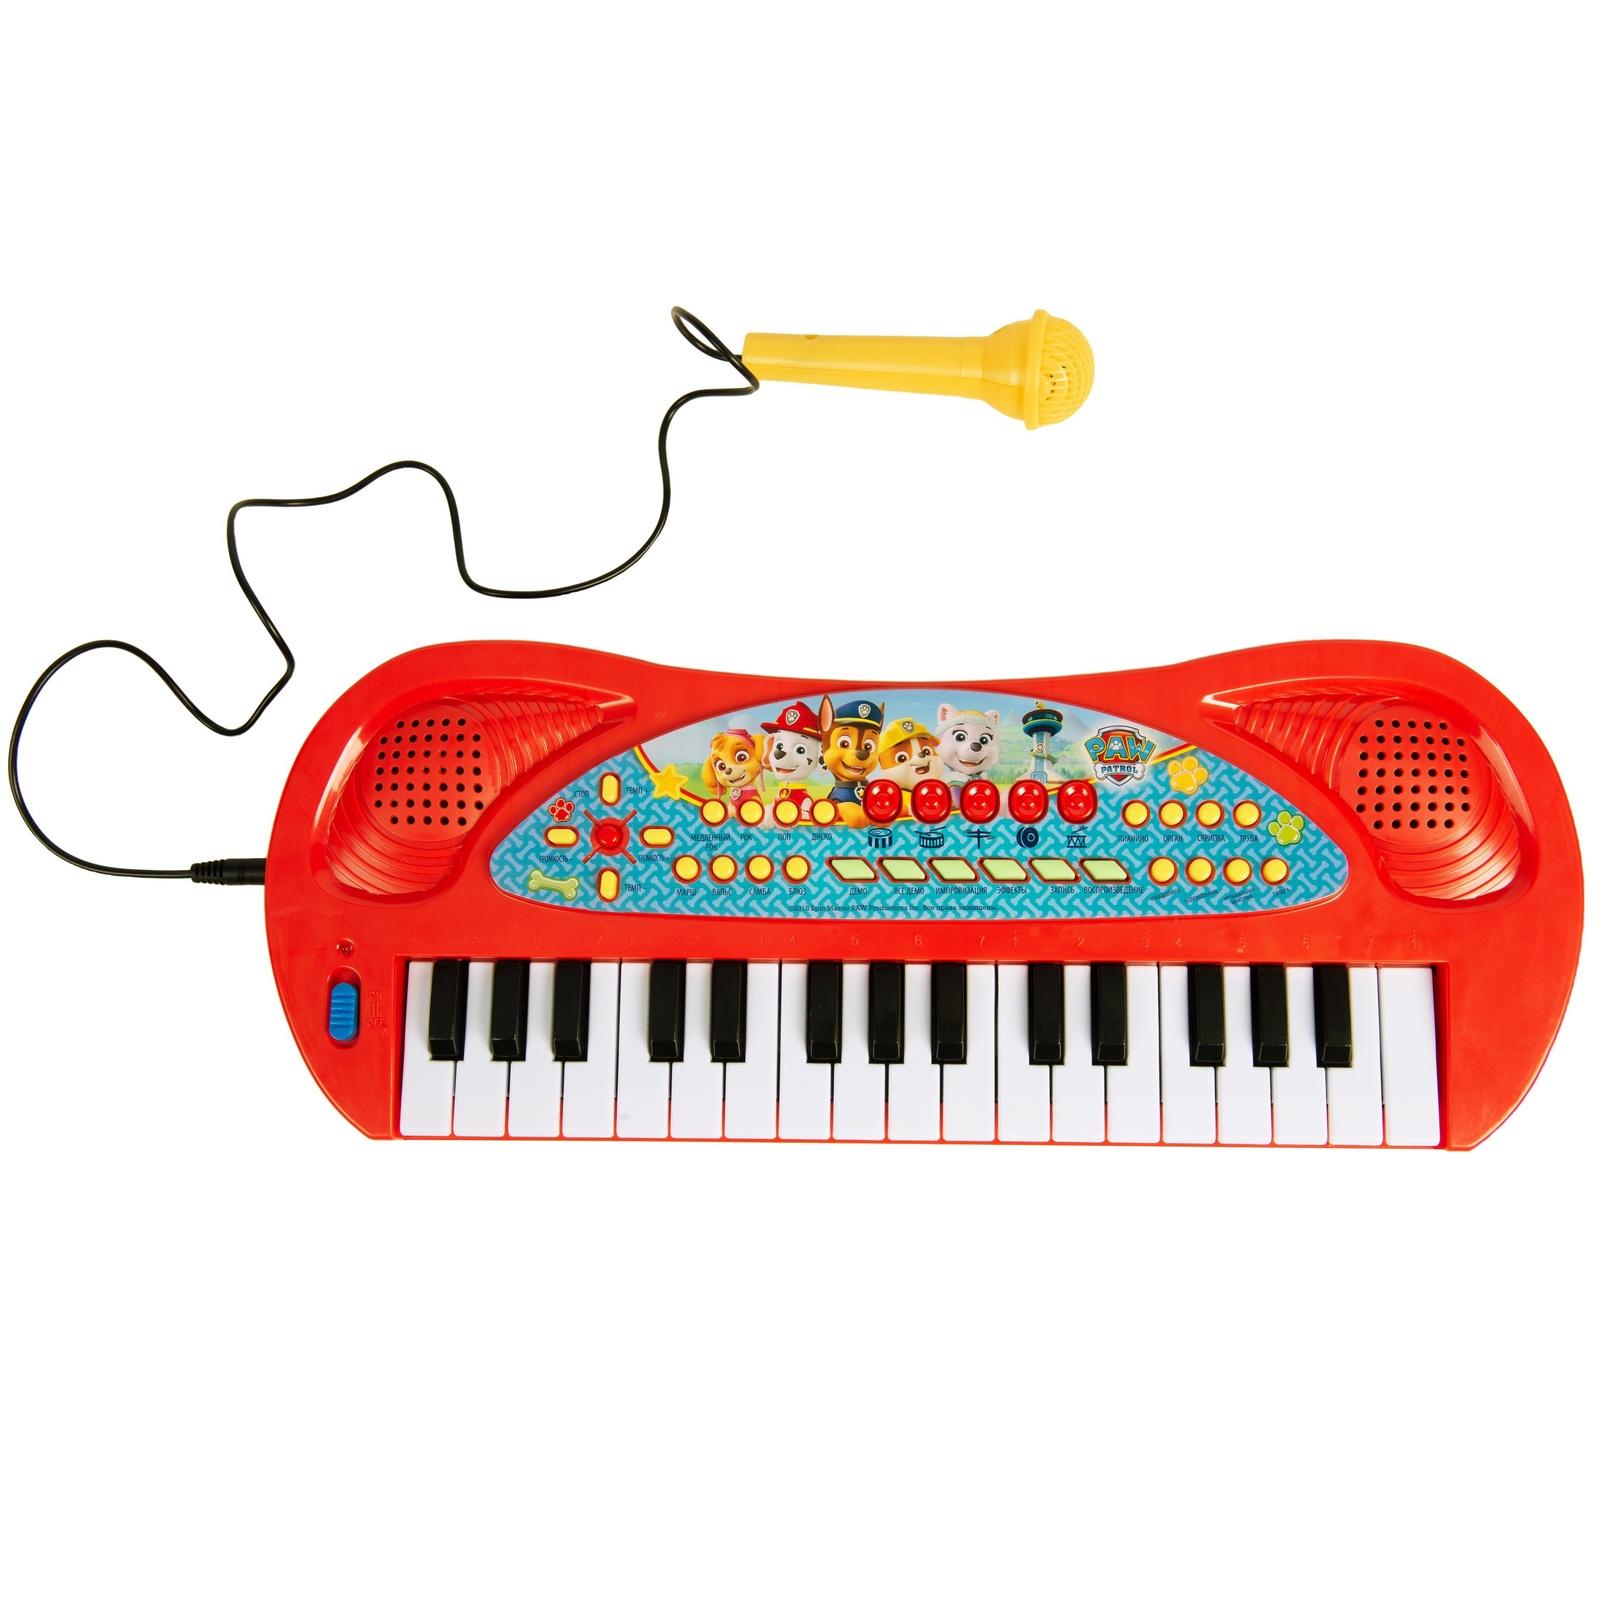 Синтезатор с микрофоном, звуком и светом Щенячий патруль набор музыкальных инструментов nickelodeon щенячий патруль